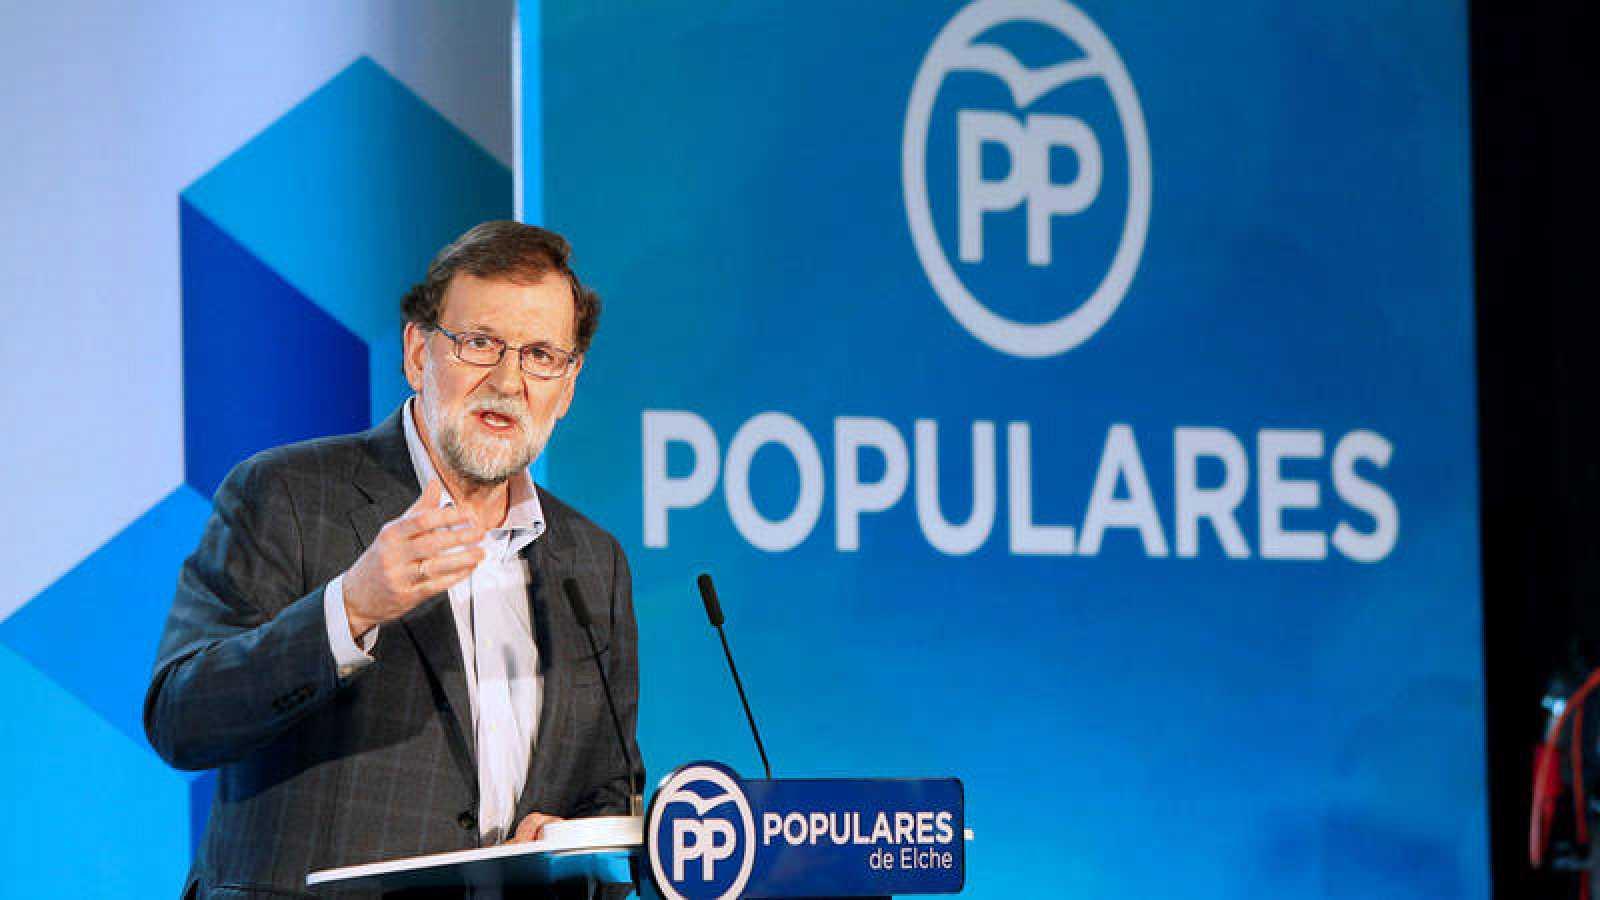 El presidente del Gobierno, Mariano Rajoy, durante su intervención en el Congreso Nacional de Pymes y Autónomos en Elche